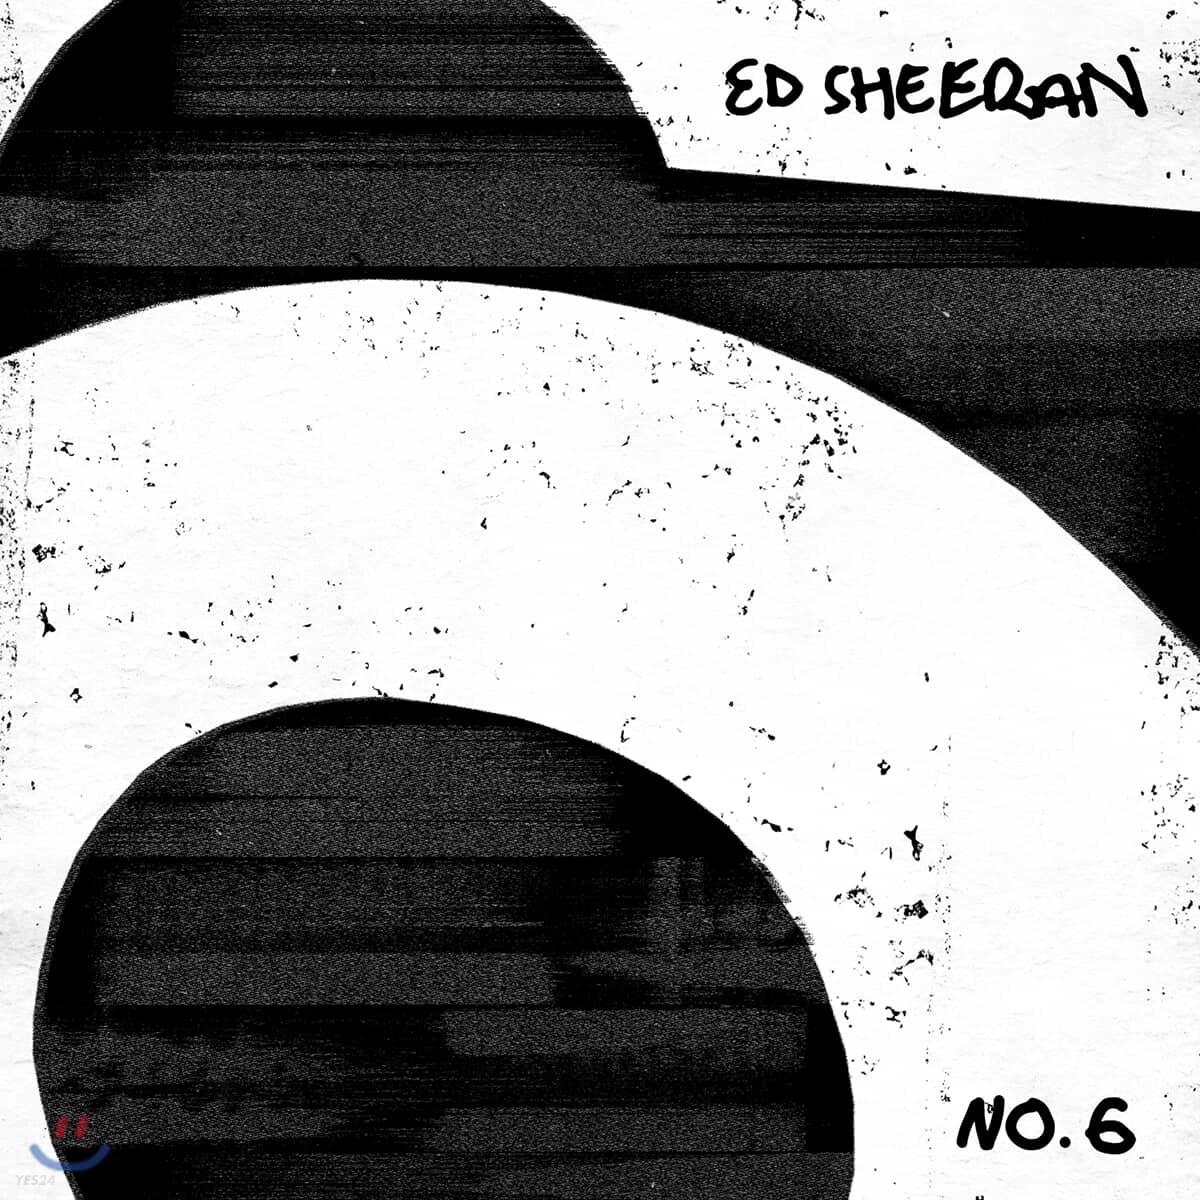 Ed Sheeran - No.6 Collaborations Project 에드 시런 정규 4집 [수입반]